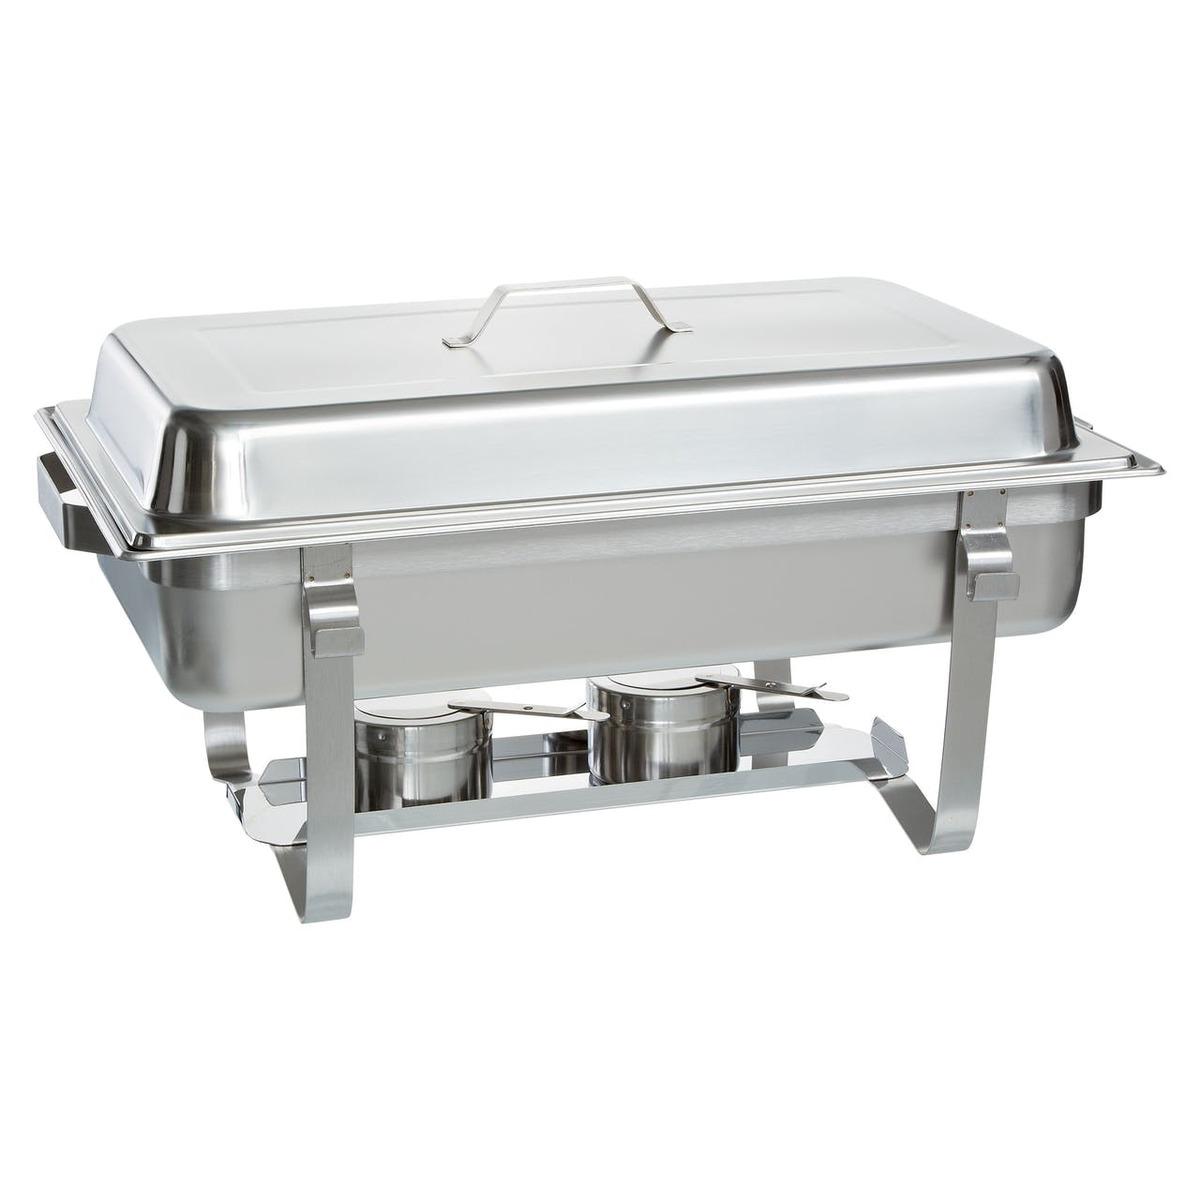 Bild 2 von APS Chafing Dish Set 65 mm Tief - 1 Geschenkpackung